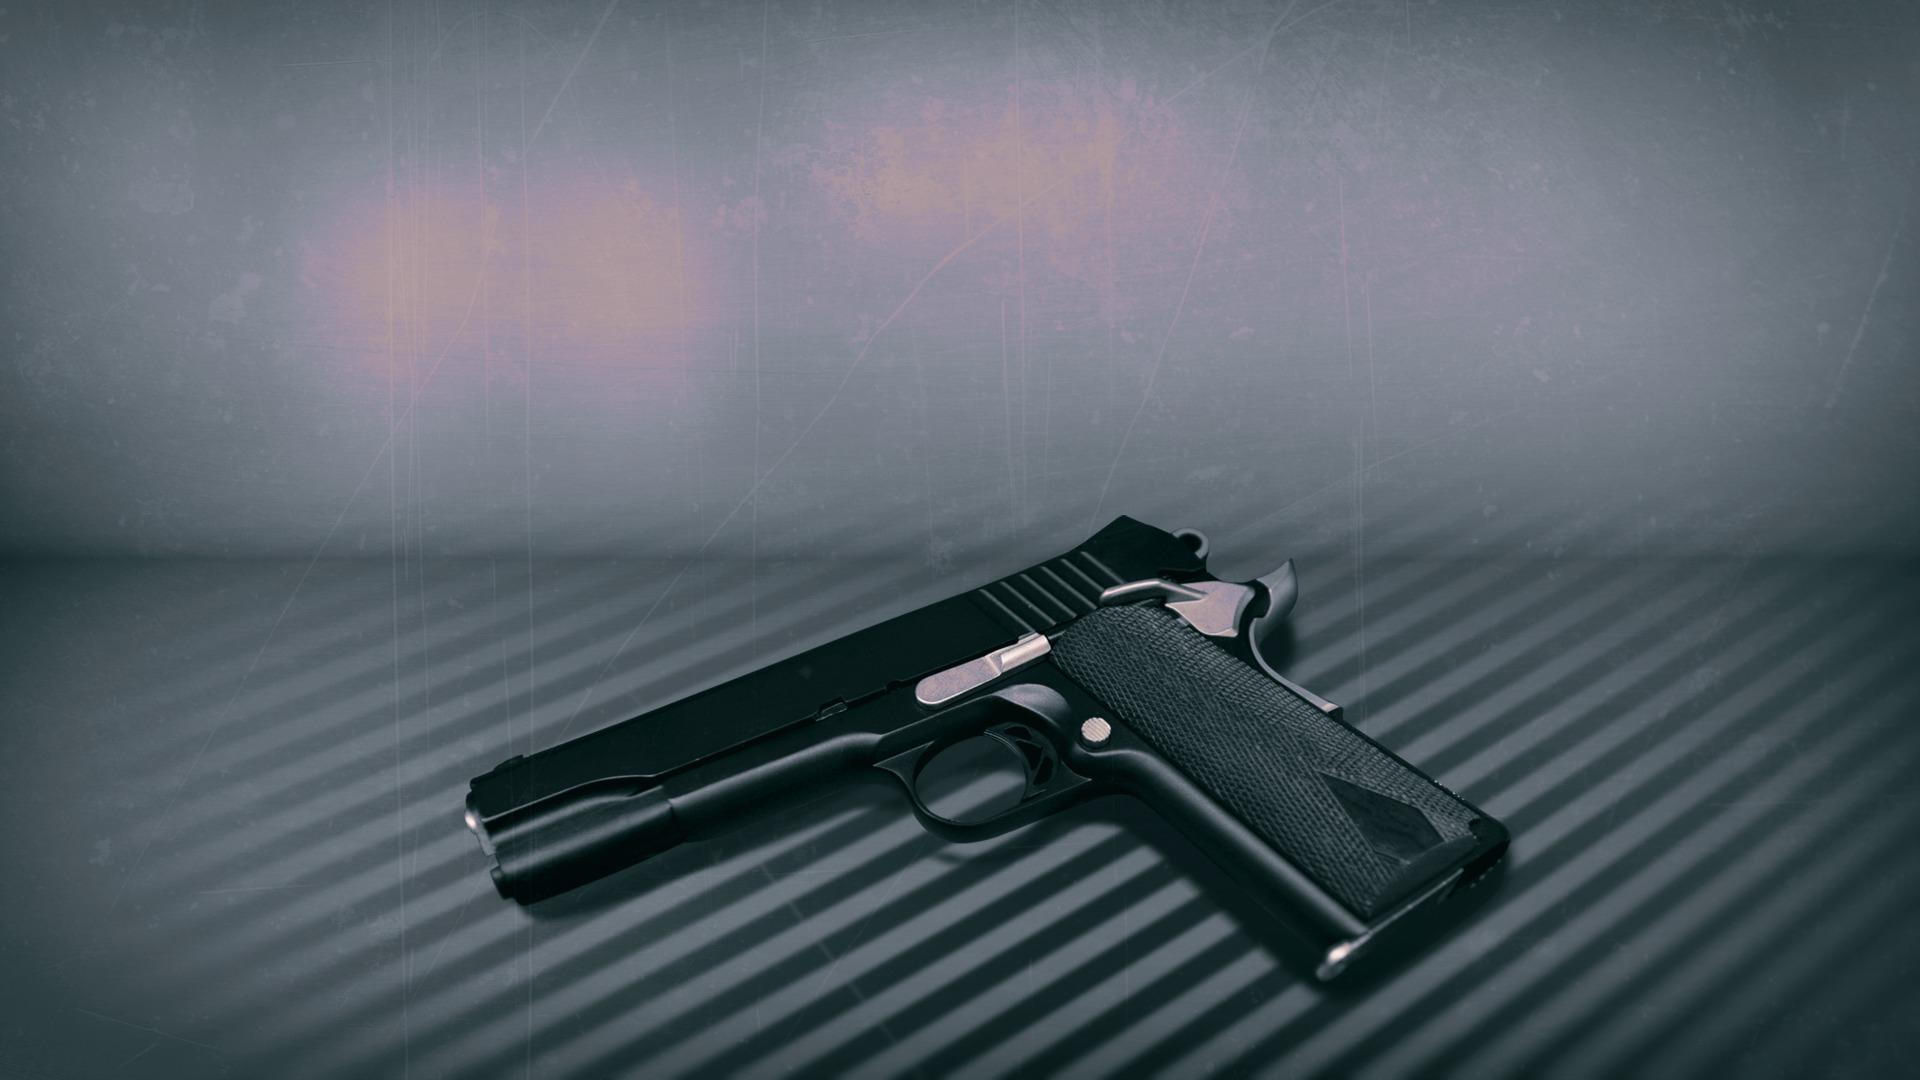 GUN_445677